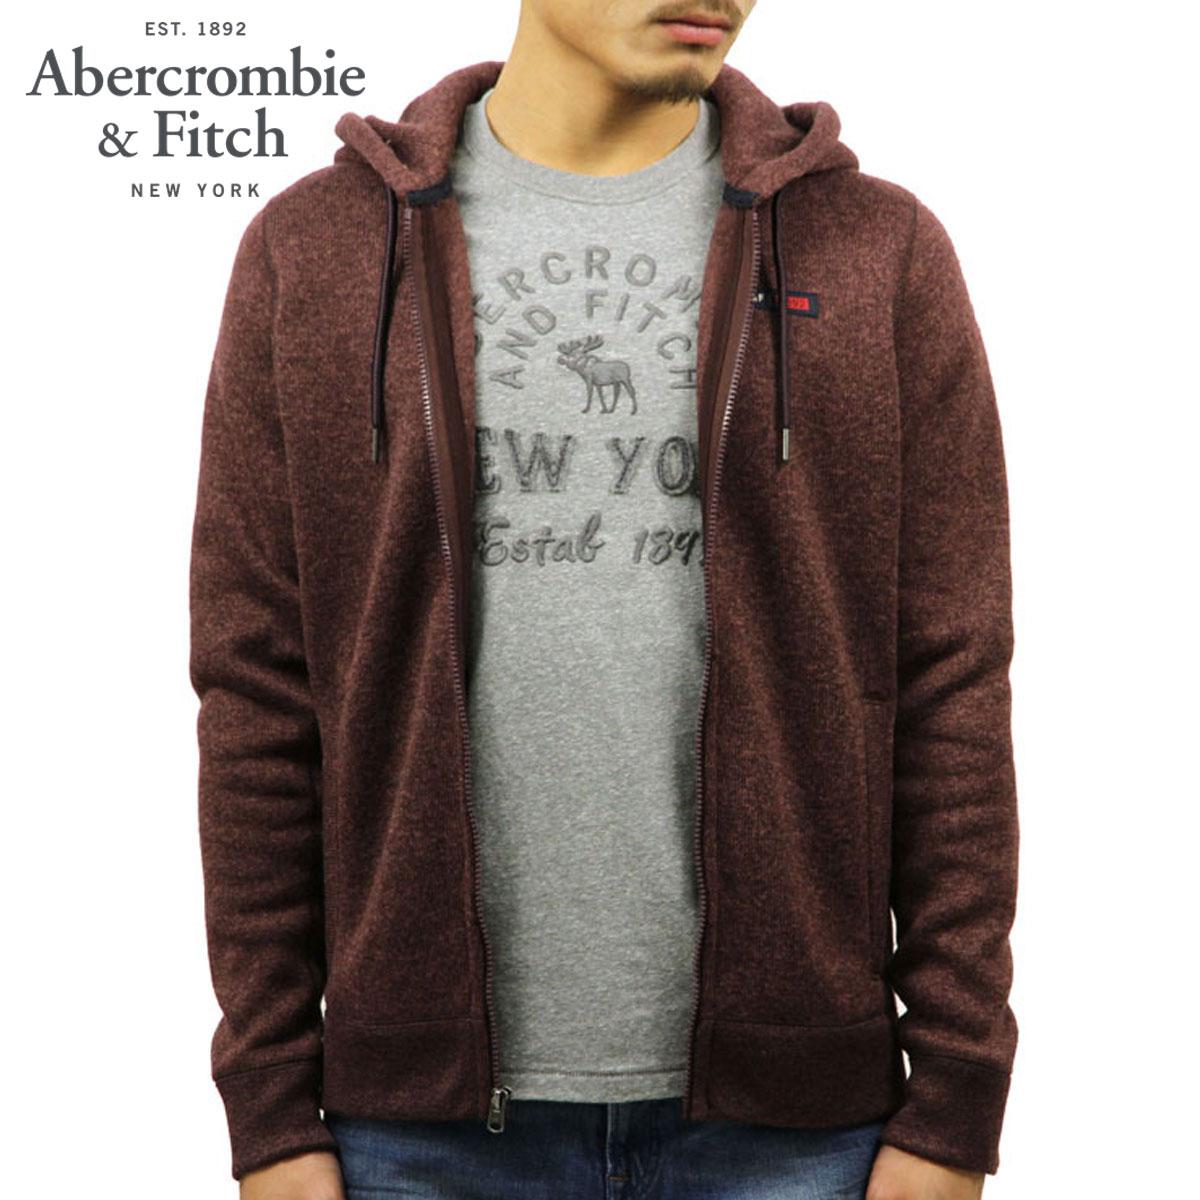 アバクロ Abercrombie&Fitch 正規品 メンズ ジップアップパーカー SWEATER FLEECE FULL-ZIP HOODIE 122-232-0744-420